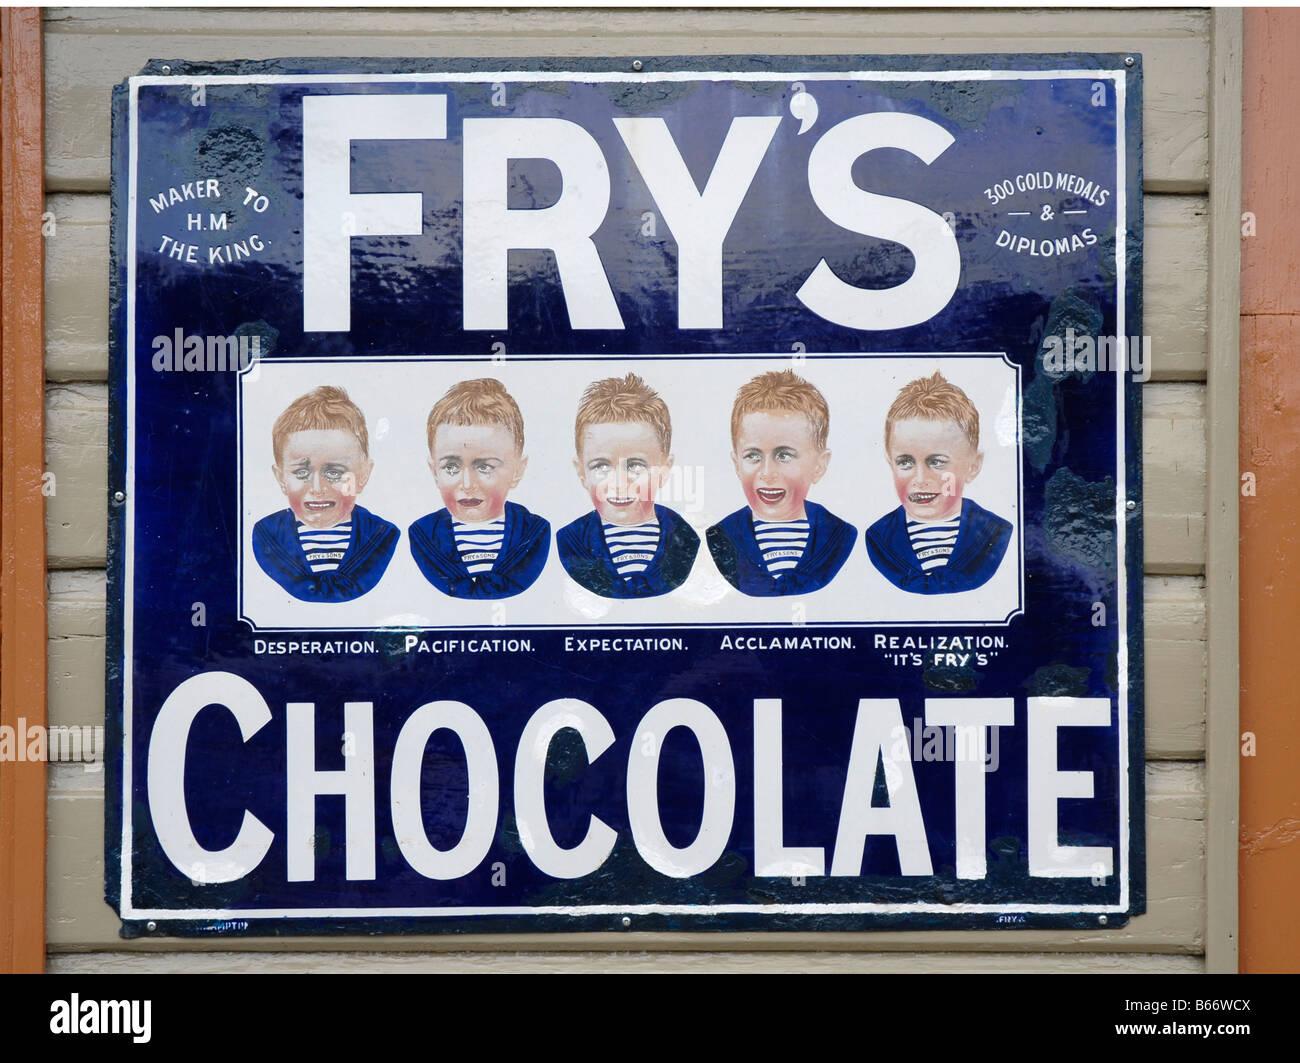 Affiche pour Fry's chocolat sur métal dans le style des années 1930. Visage du garçon avec la Photo Stock